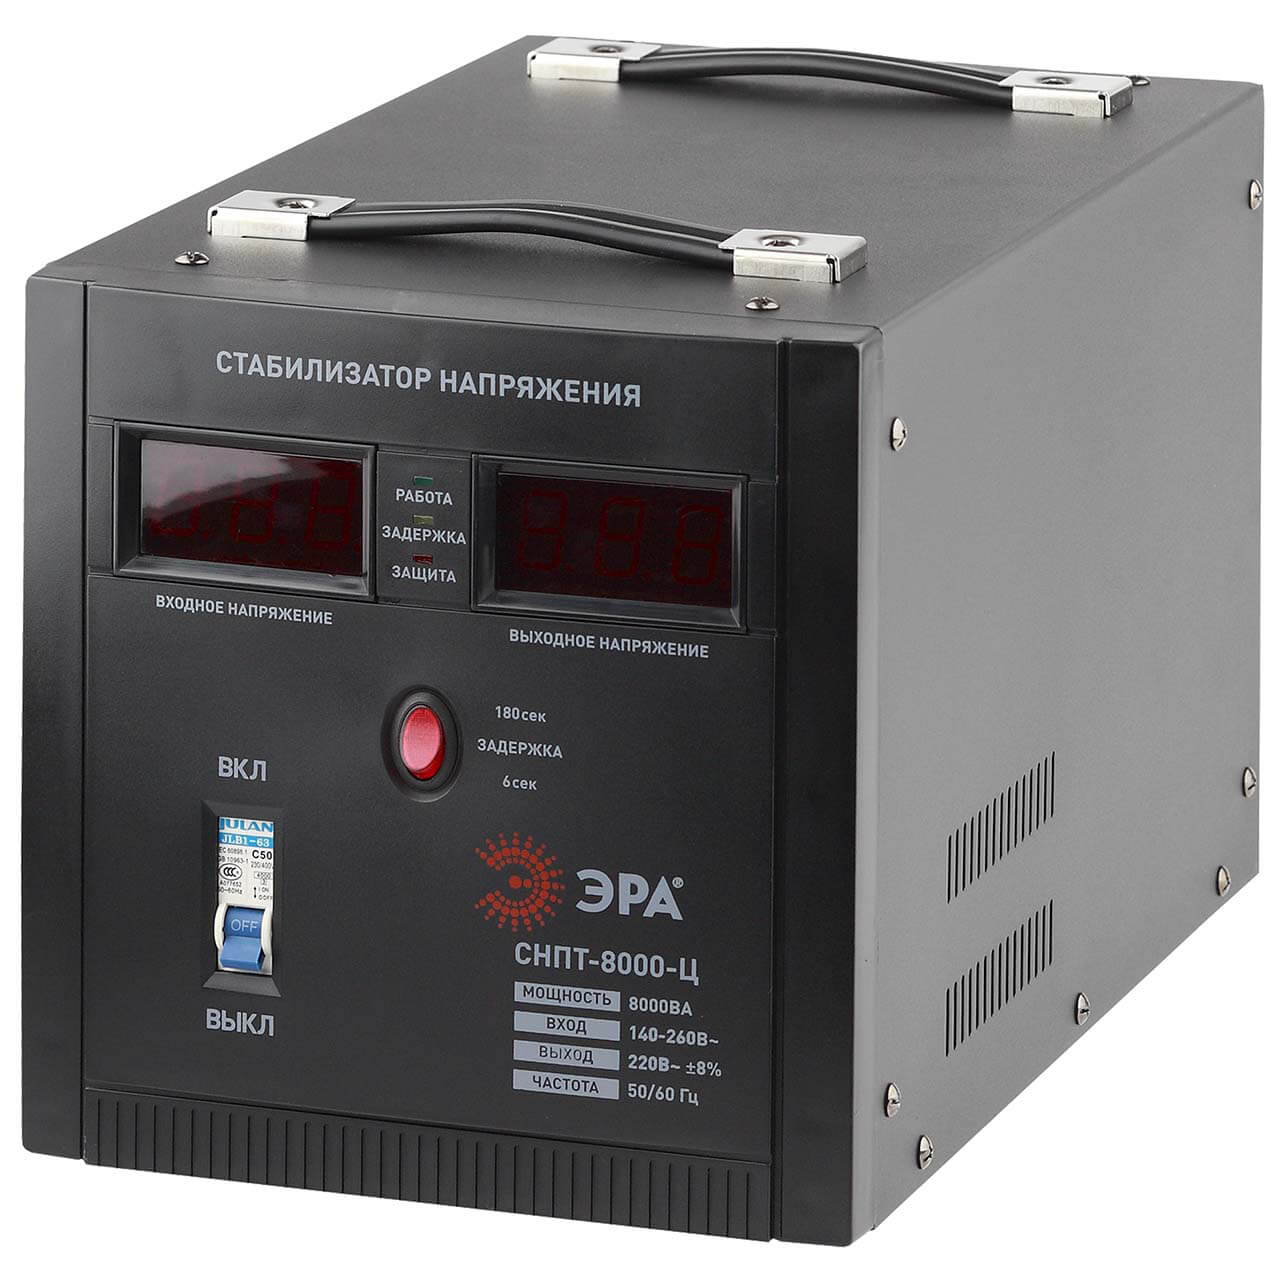 Стабилизатор ЭРА СНПТ-8000-Ц (Подключение через клеммы)